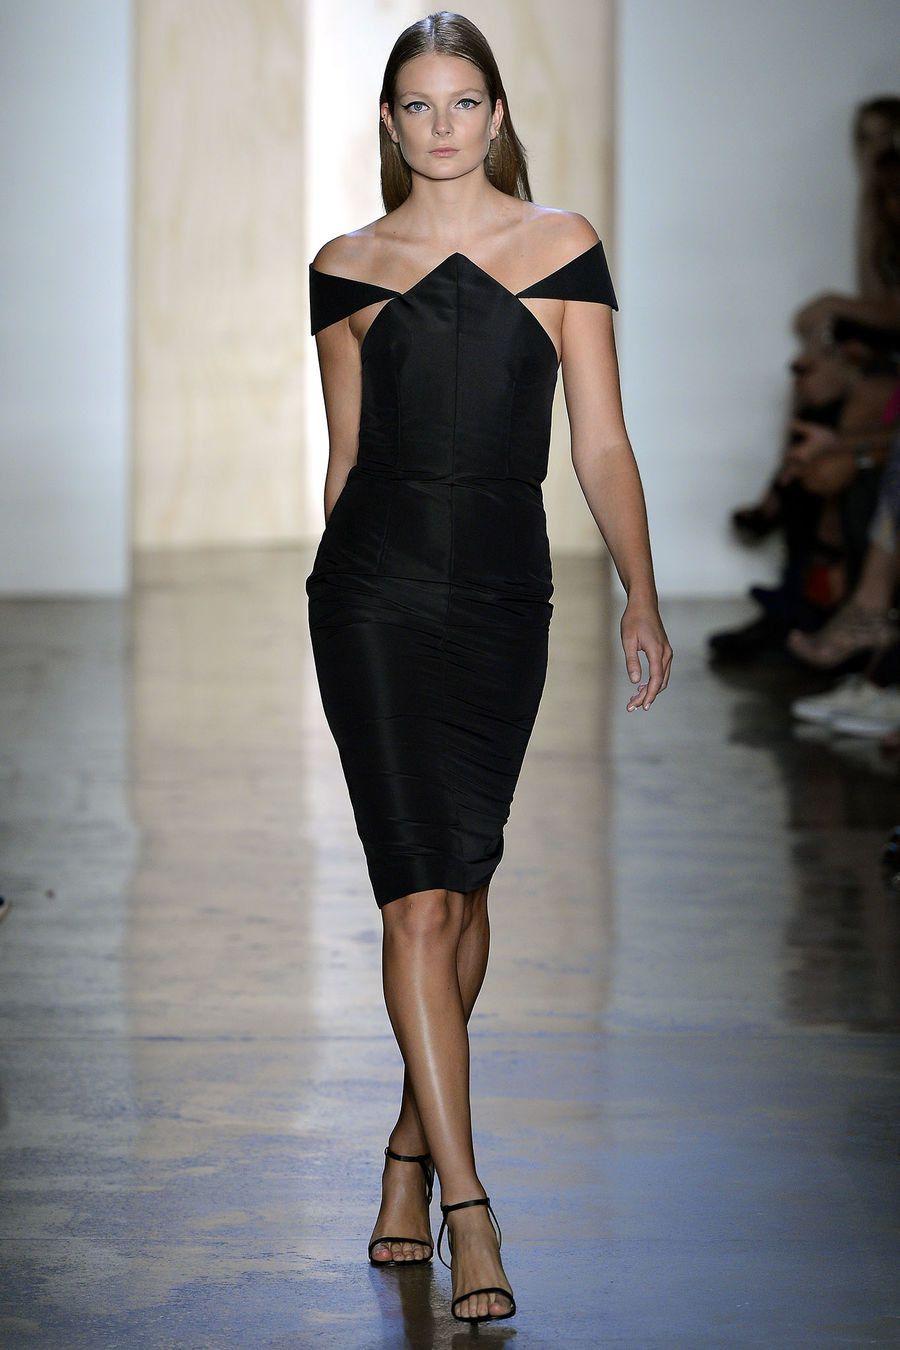 Cushnie et Ochs Spring 2013 Ready-to-Wear Fashion Show - Eniko Mihalik